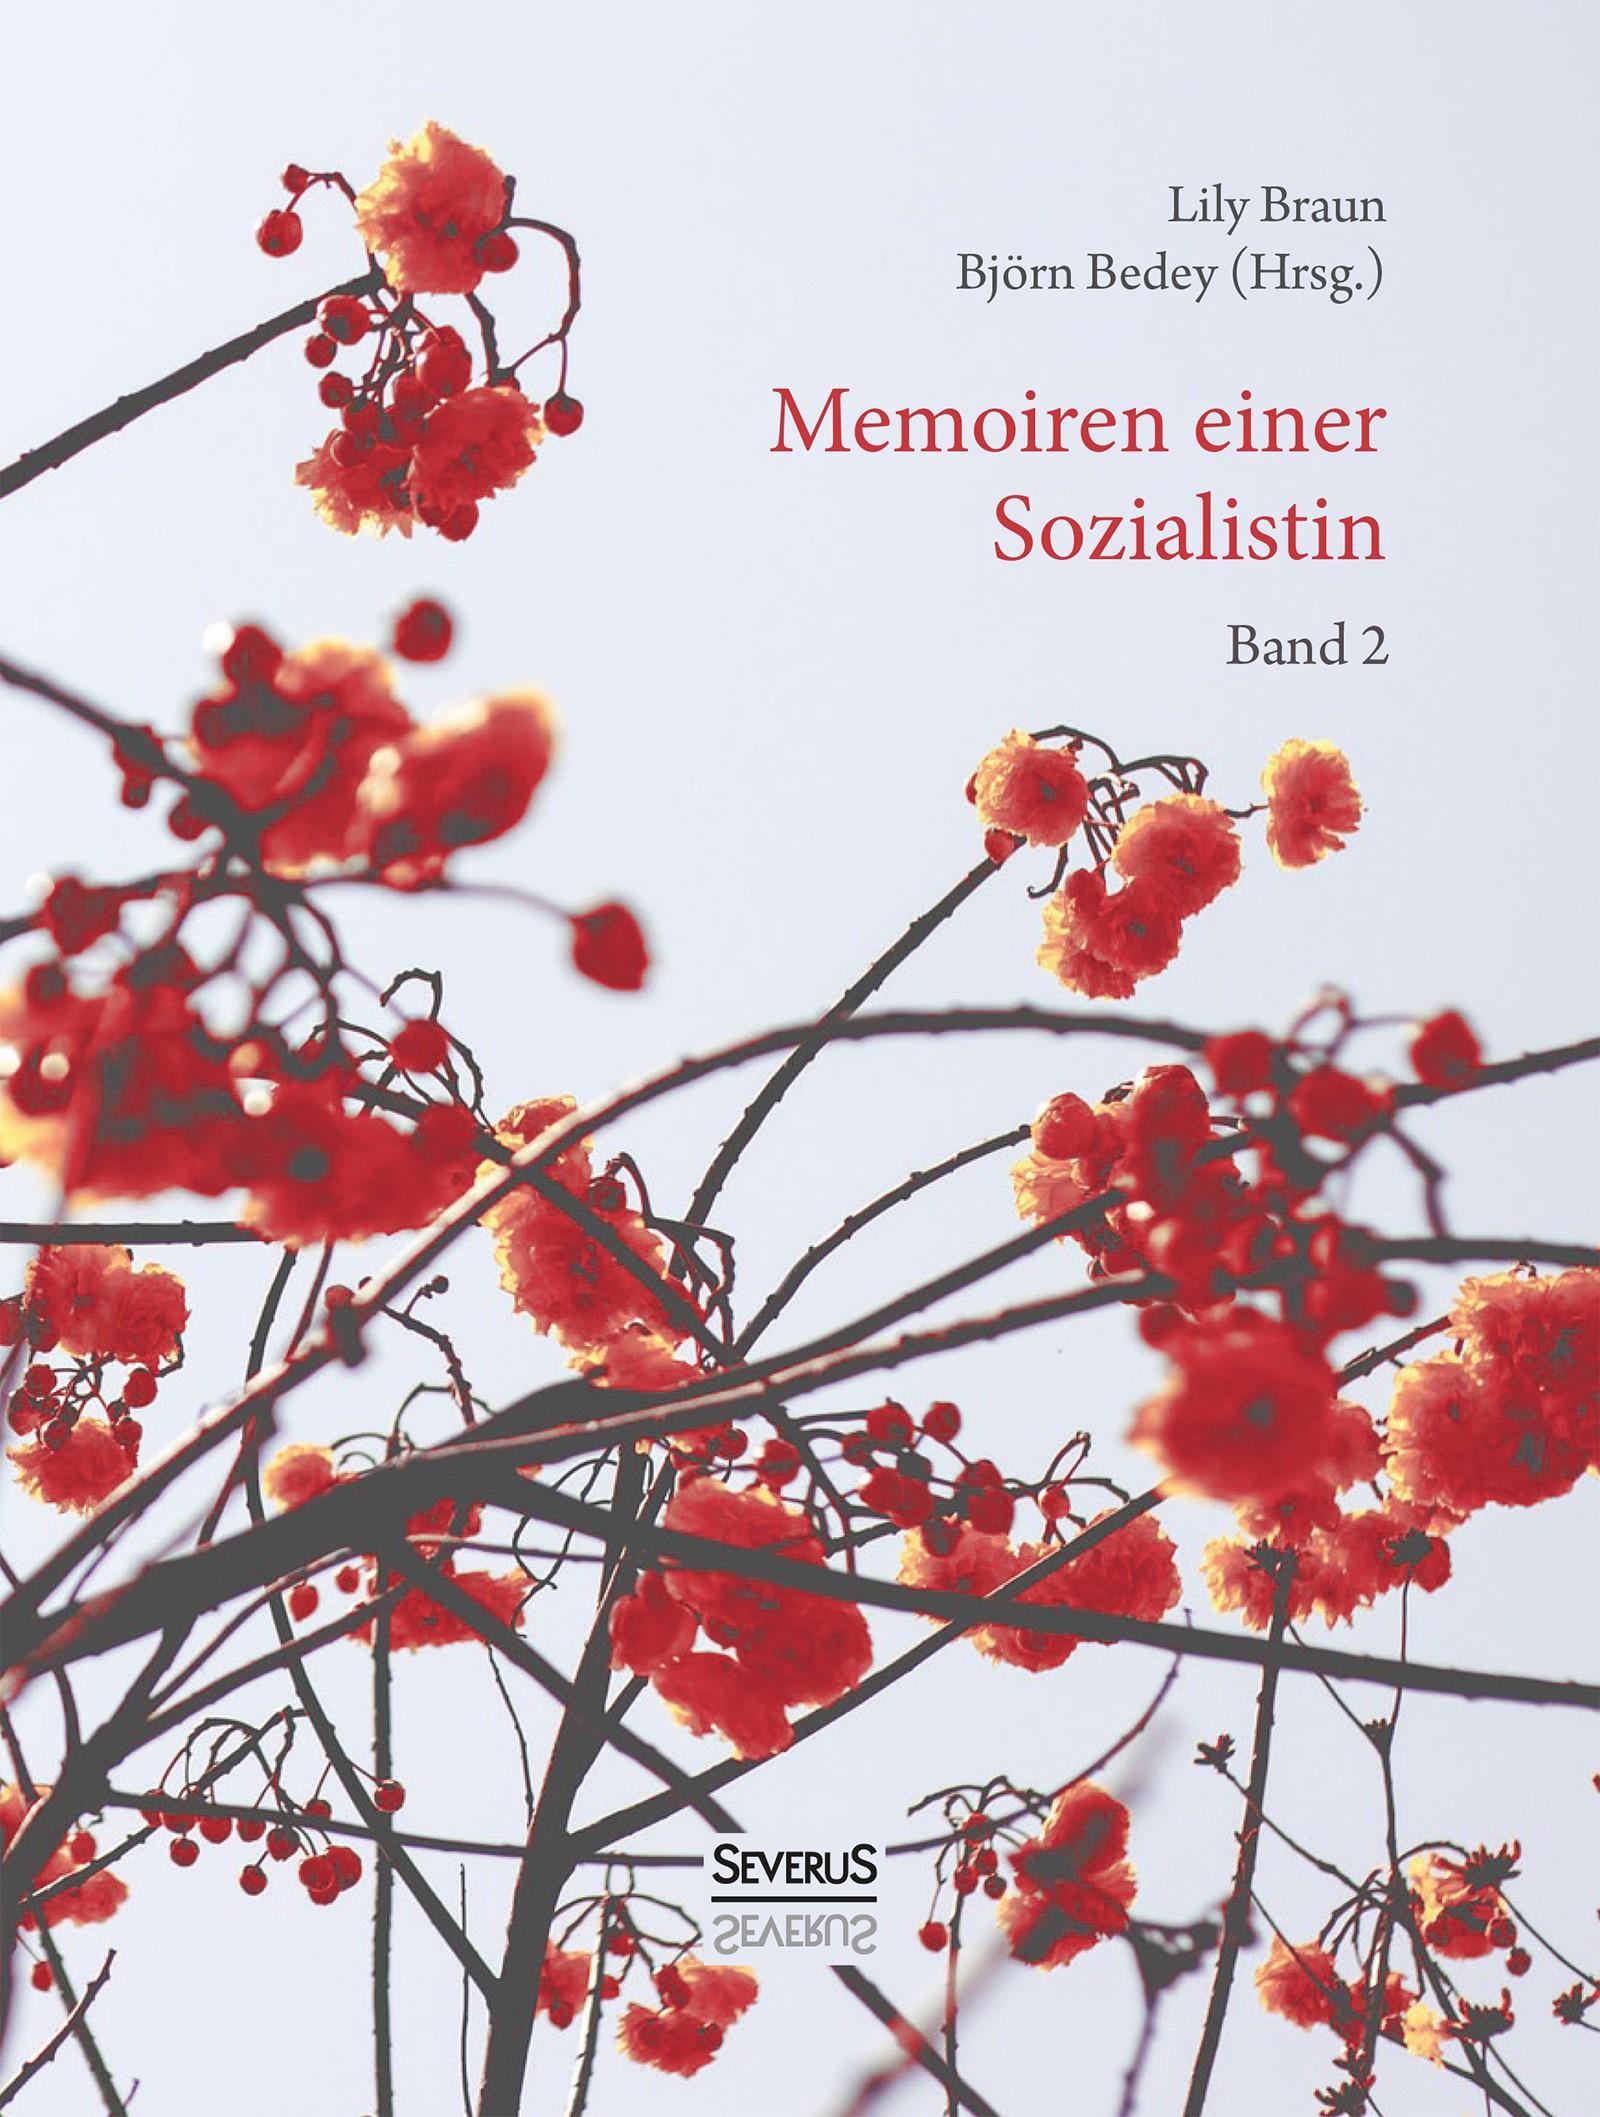 Memoiren einer Sozialistin – Band 2   Braun / Bedey   Neusatz der Ausgabe von1923, 2018   Buch (Cover)